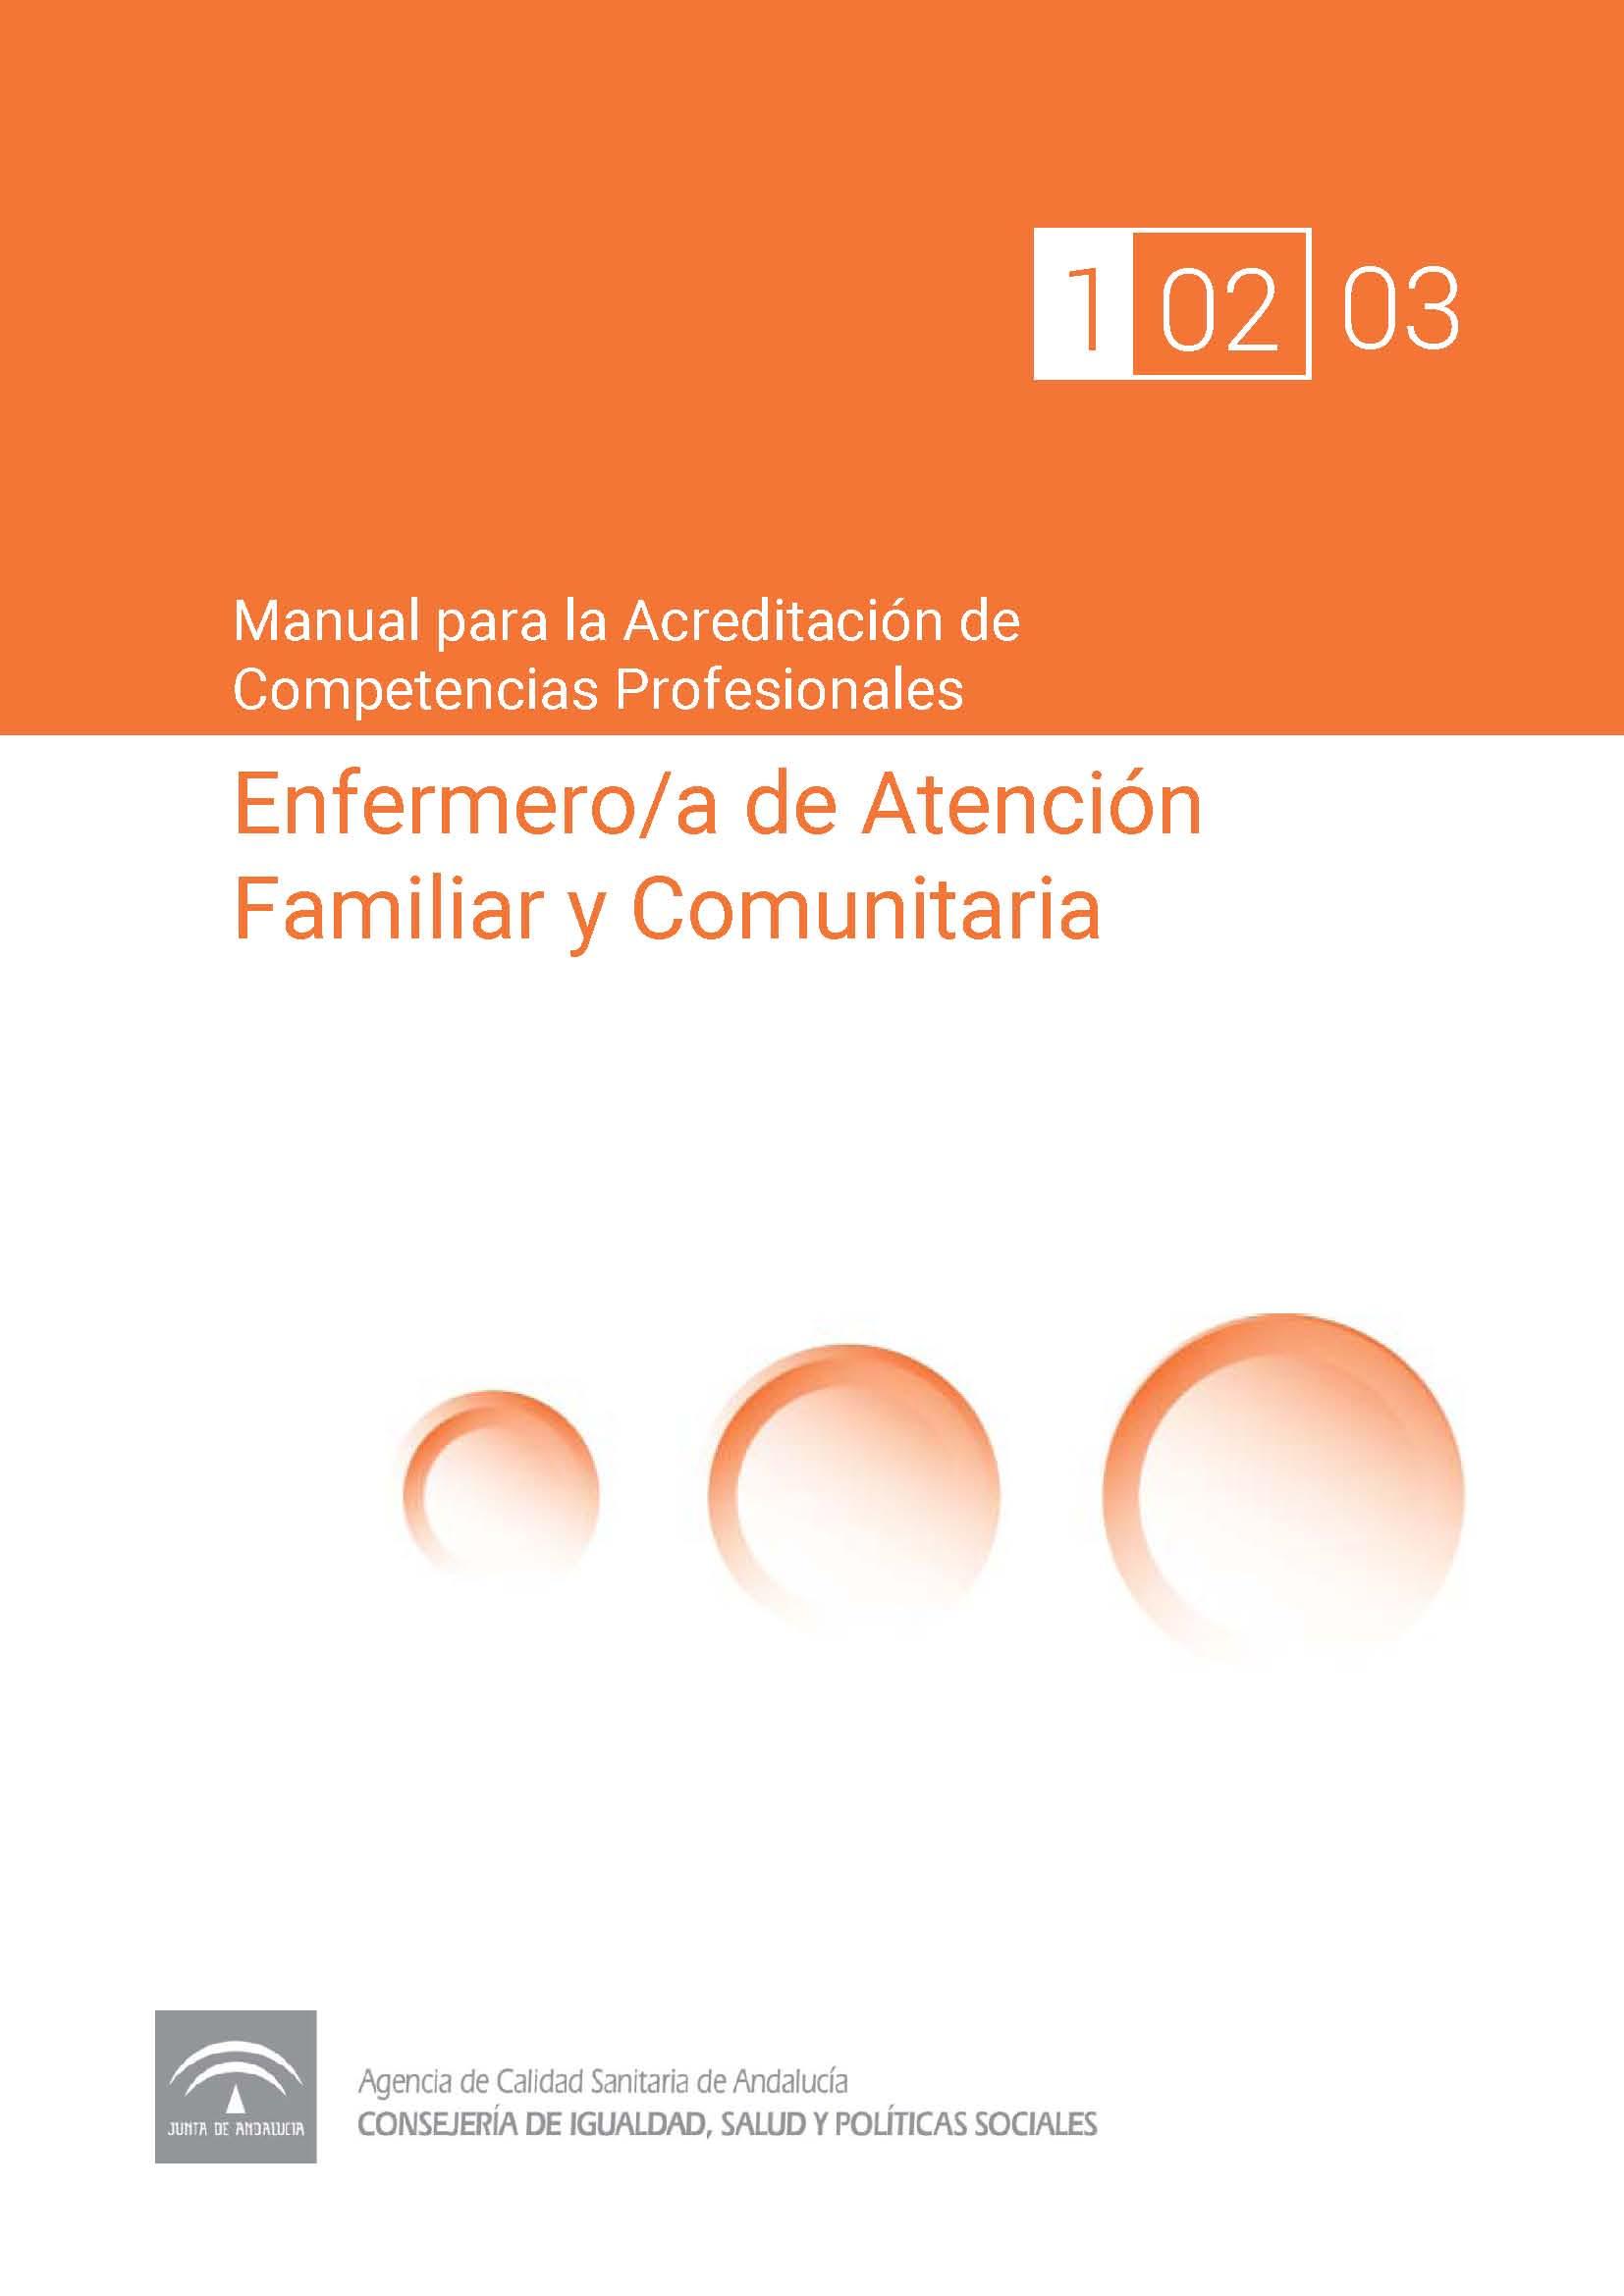 Manual de competencias profesionales del/de la Enfermero/a de Atención Familiar y Comunitaria